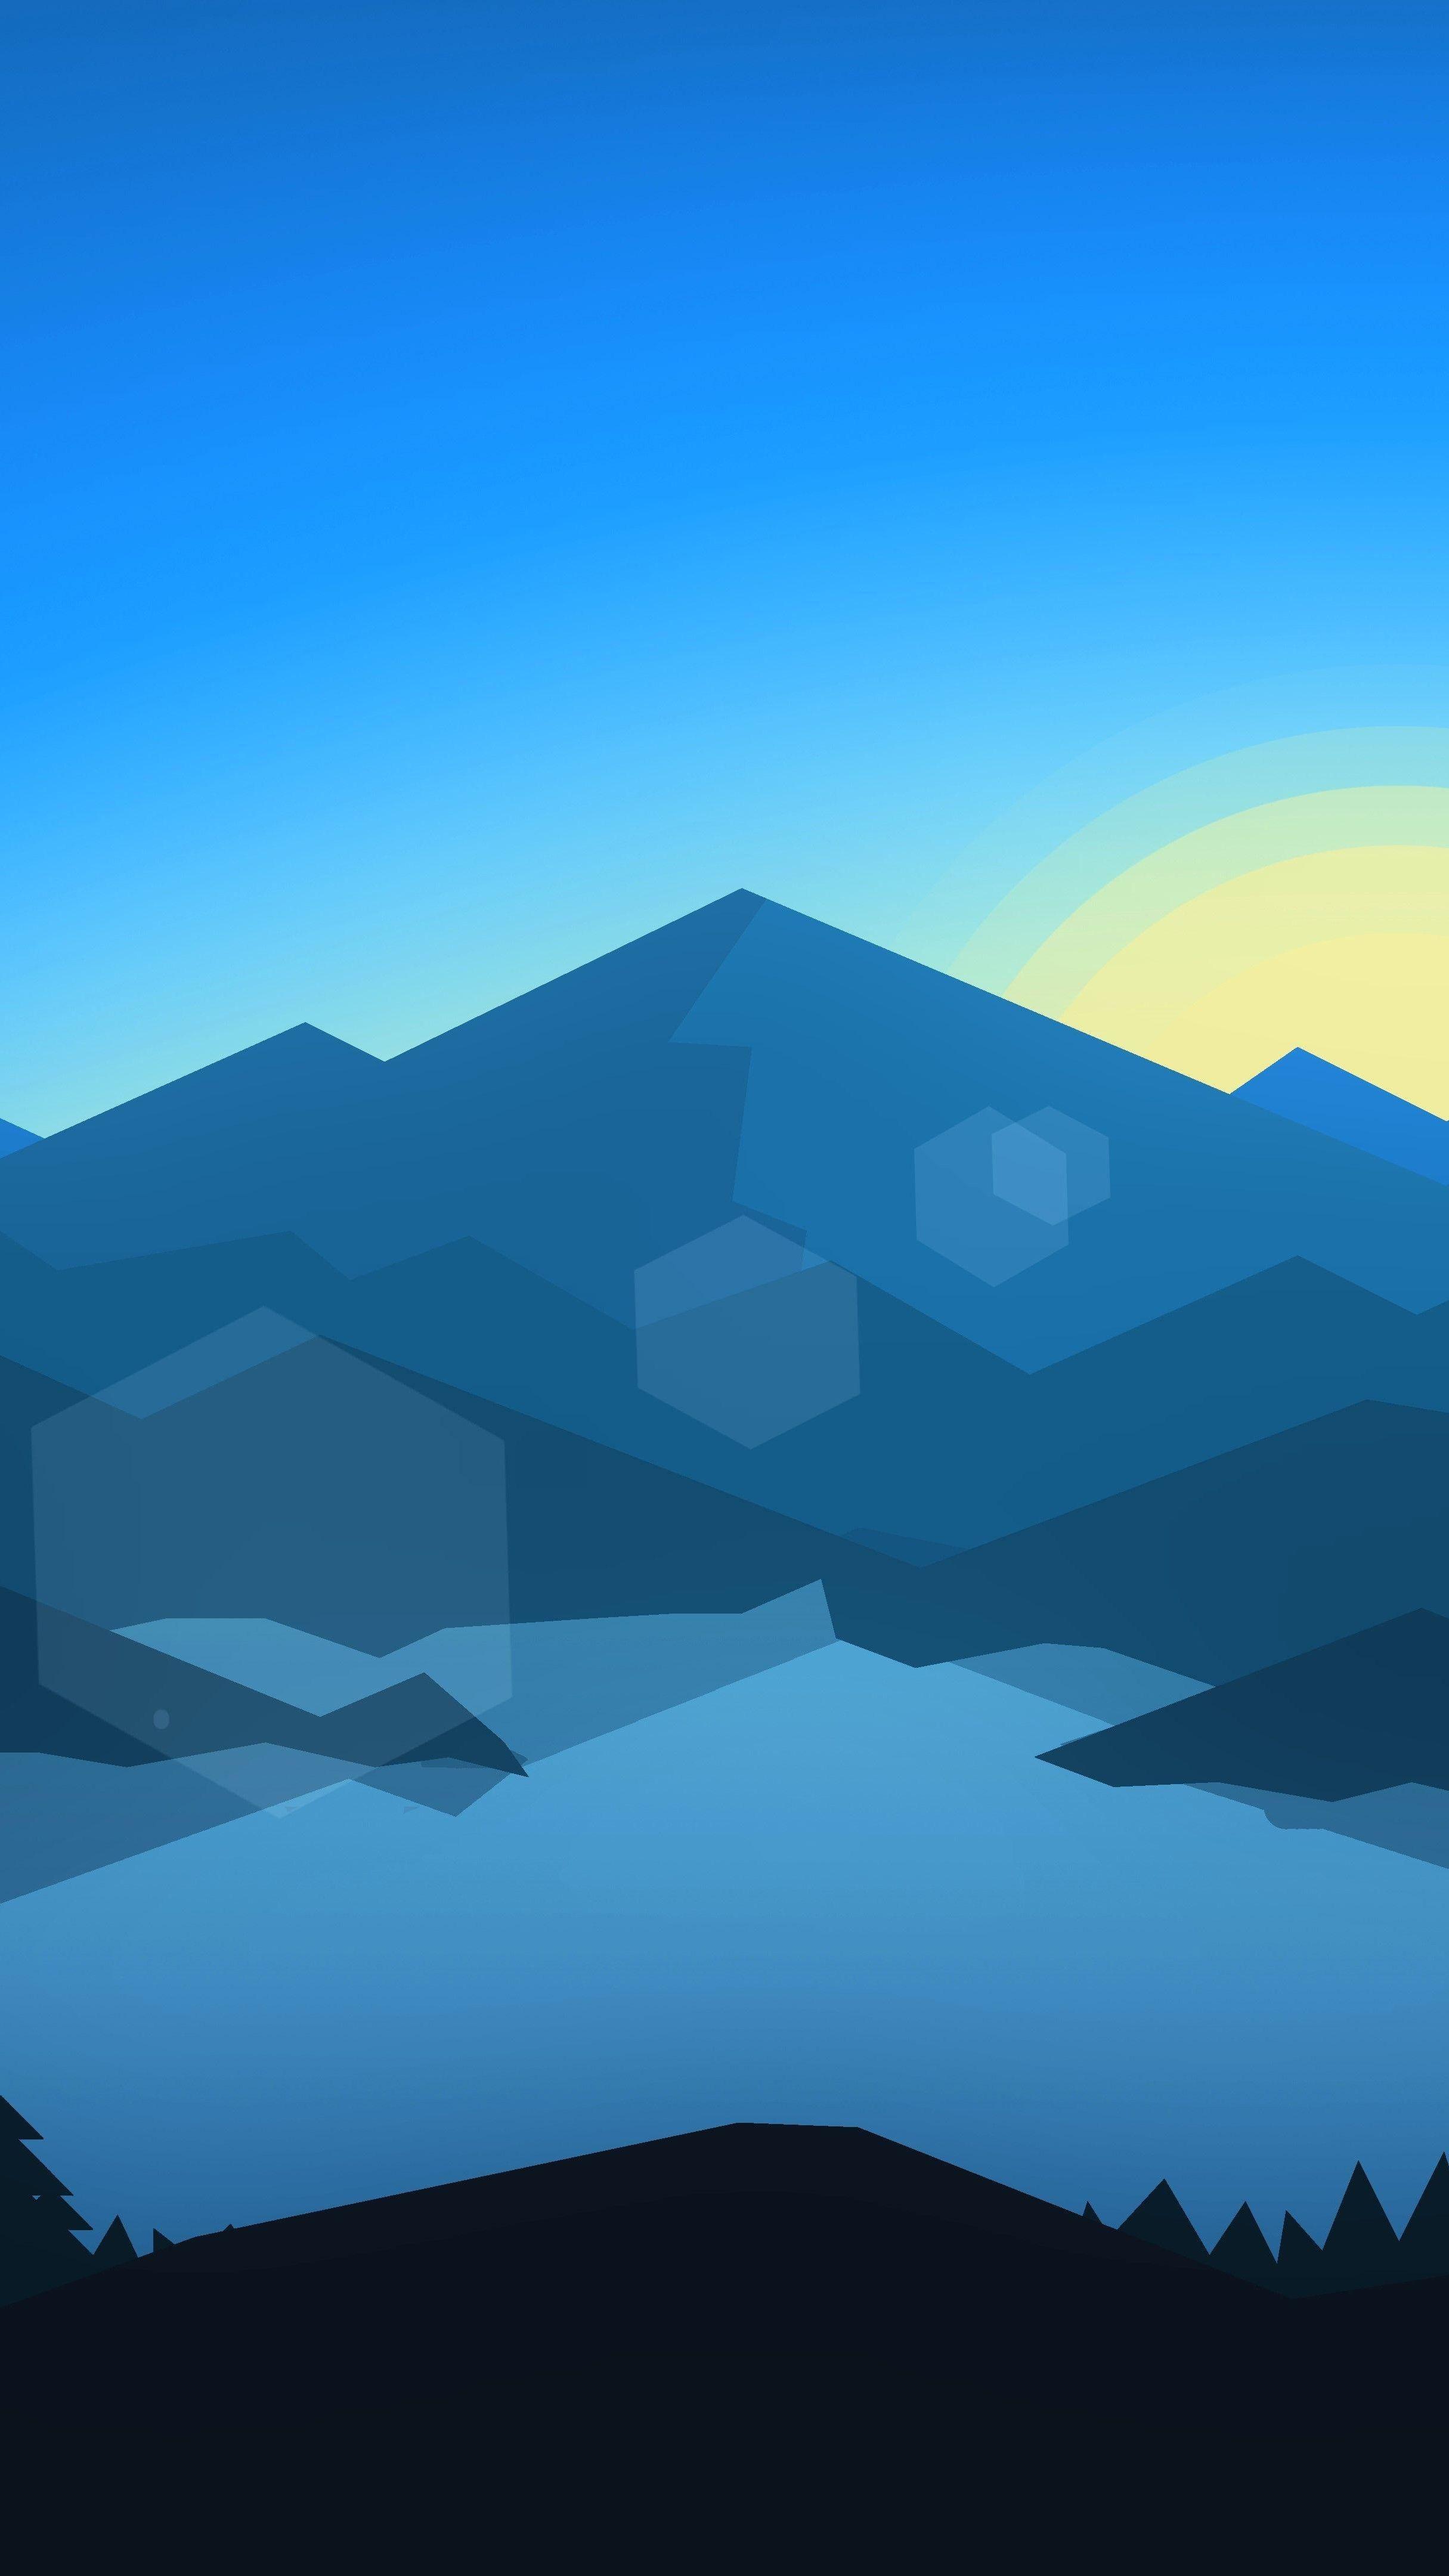 Blue Minimal Landscape 8K UltraHD Wallpaper - backiee ...